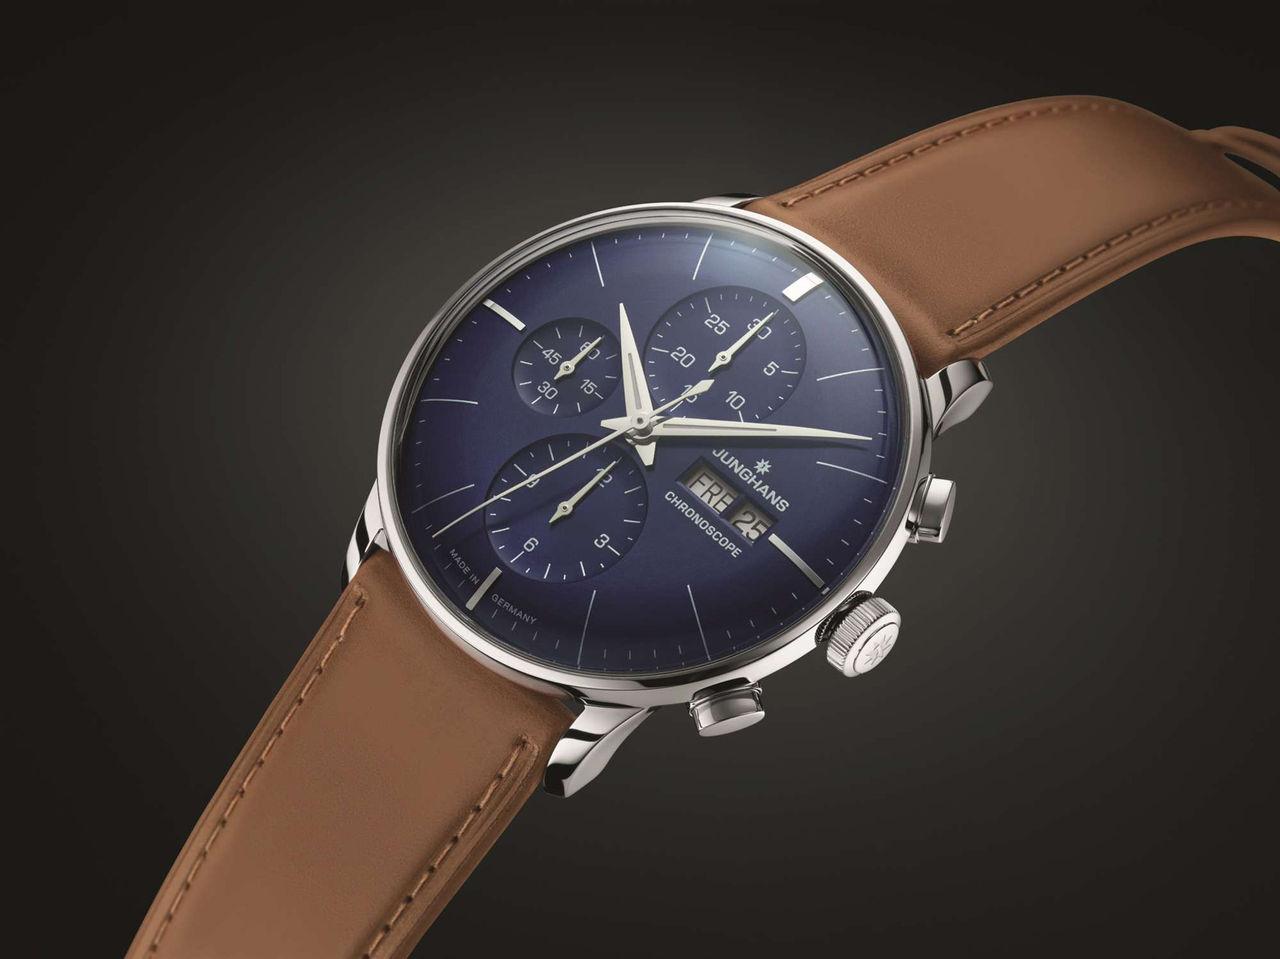 Ny klocka från tyska Junghans